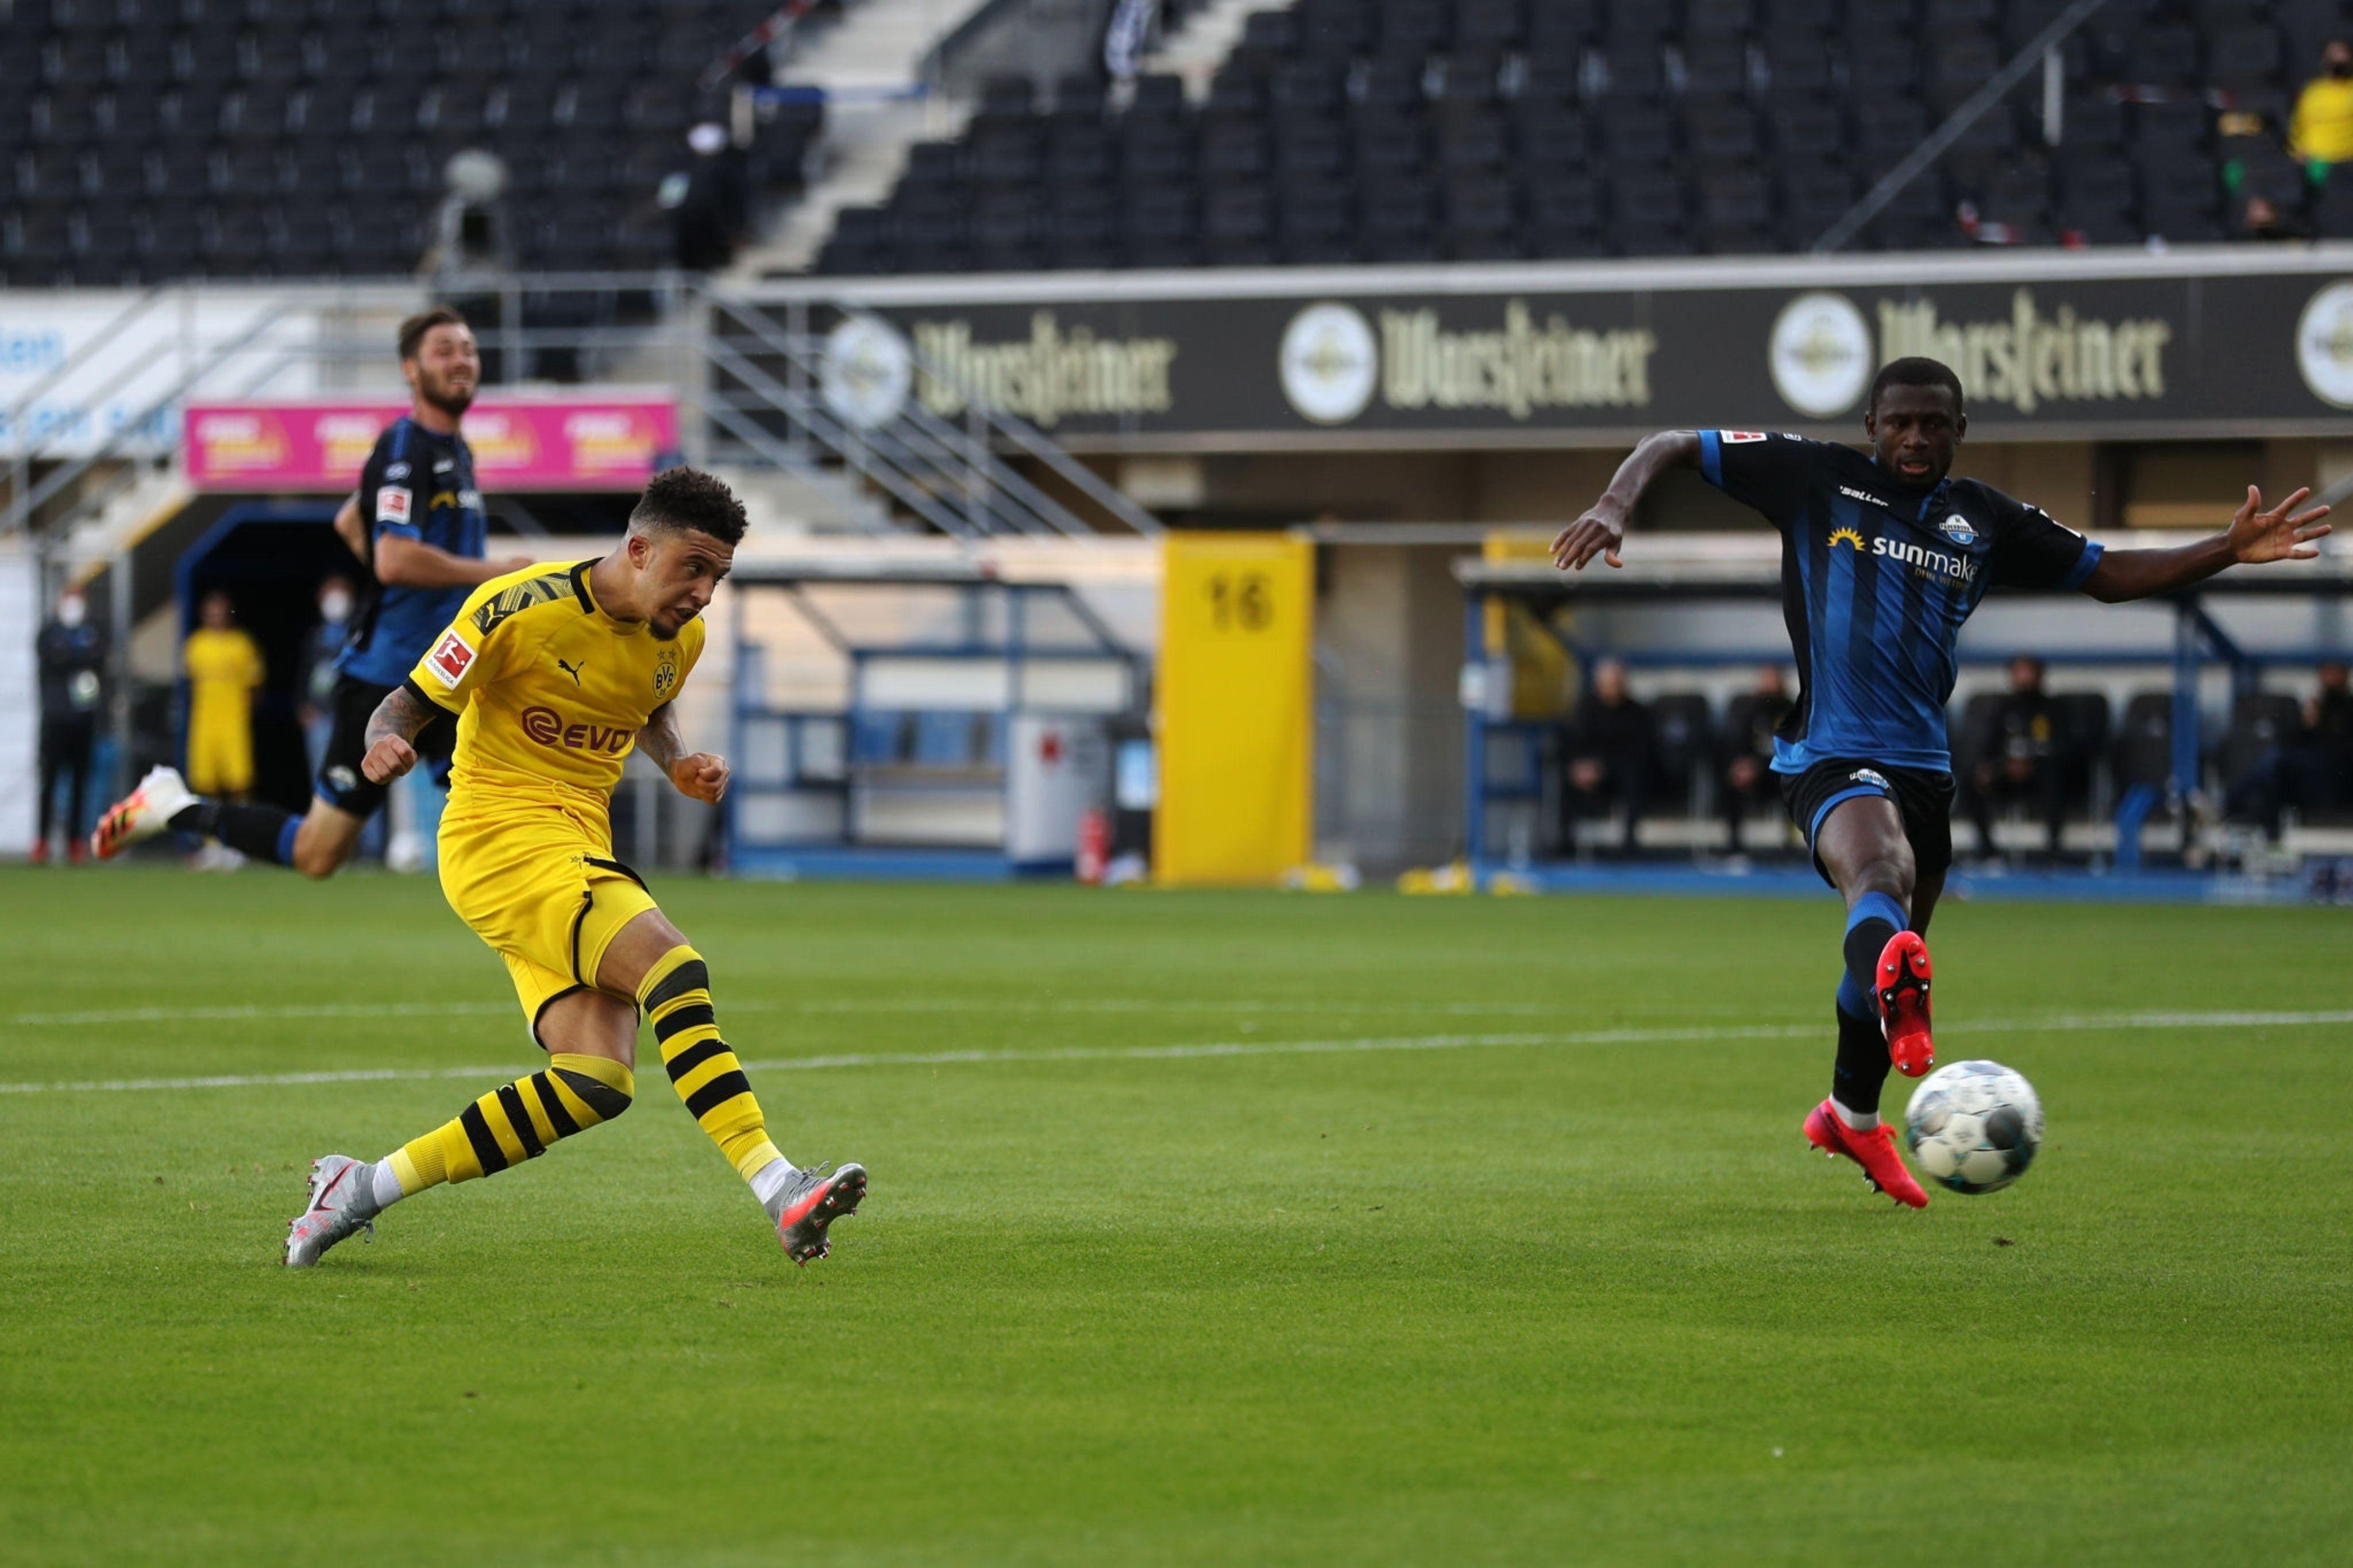 Санчо оформив перший хет-трик і став наймолодшим гравцем в Бундеслізі, який забив 30 голів - изображение 1